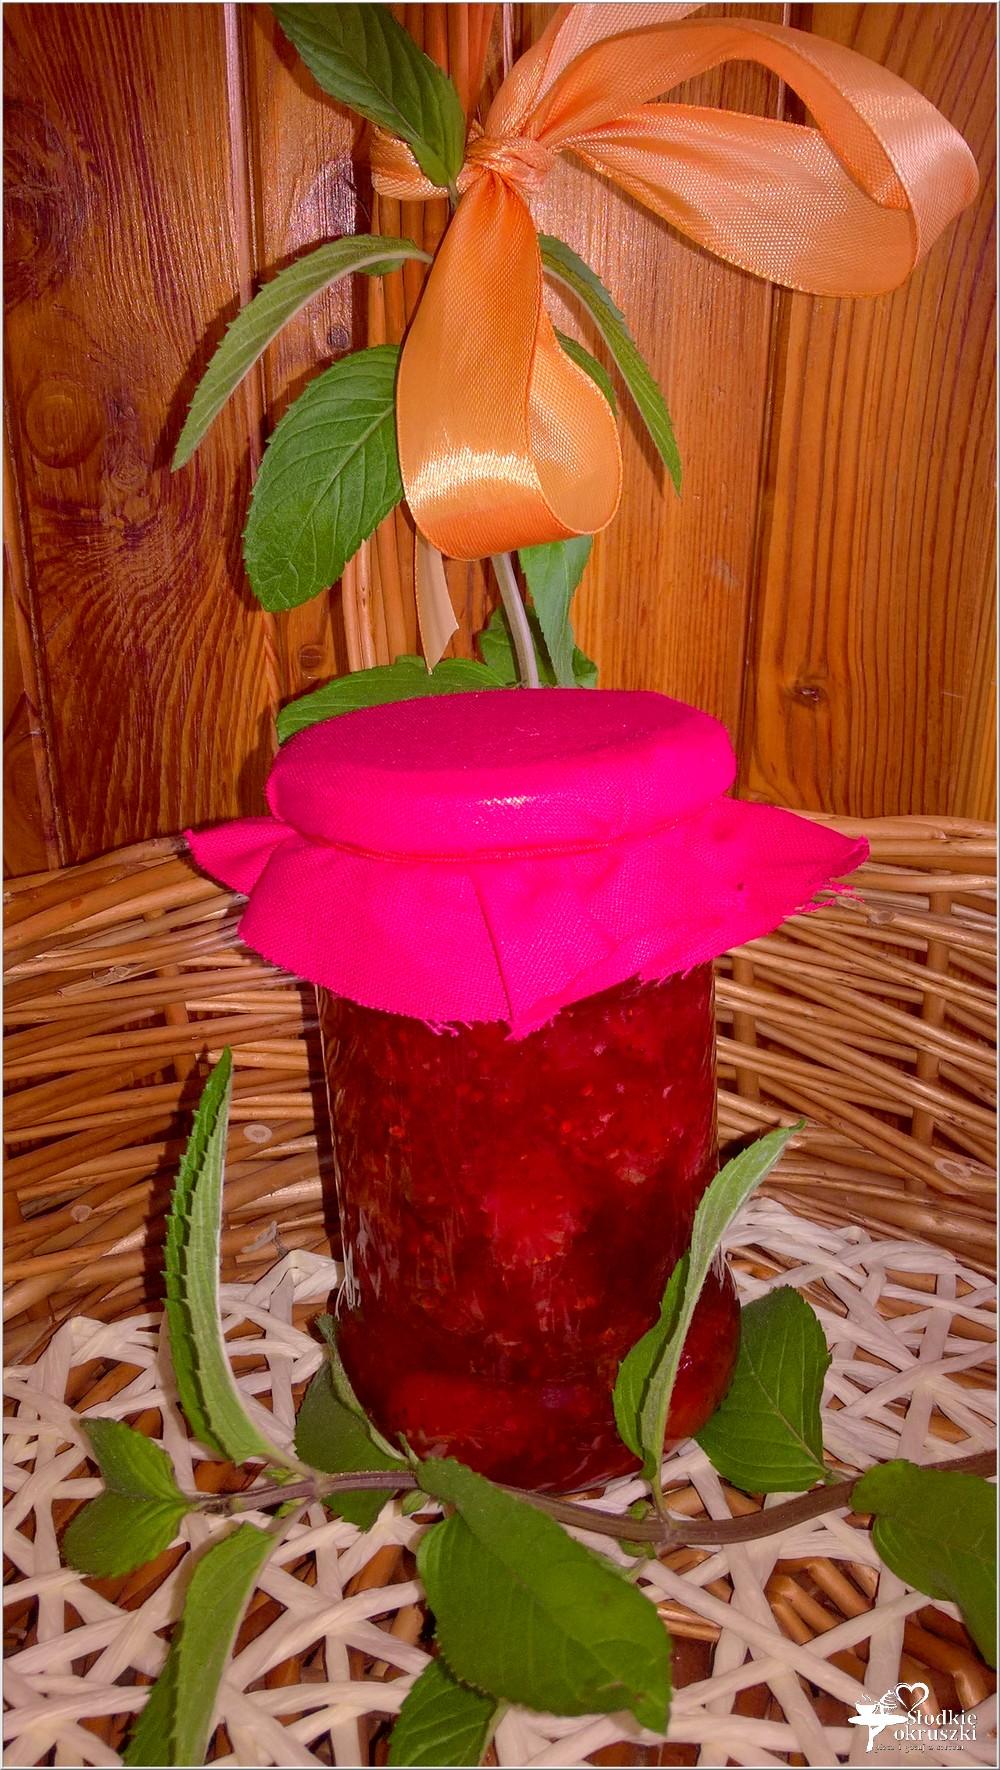 Dżem truskawkowy z cytrynowo-miętową nutą (4)